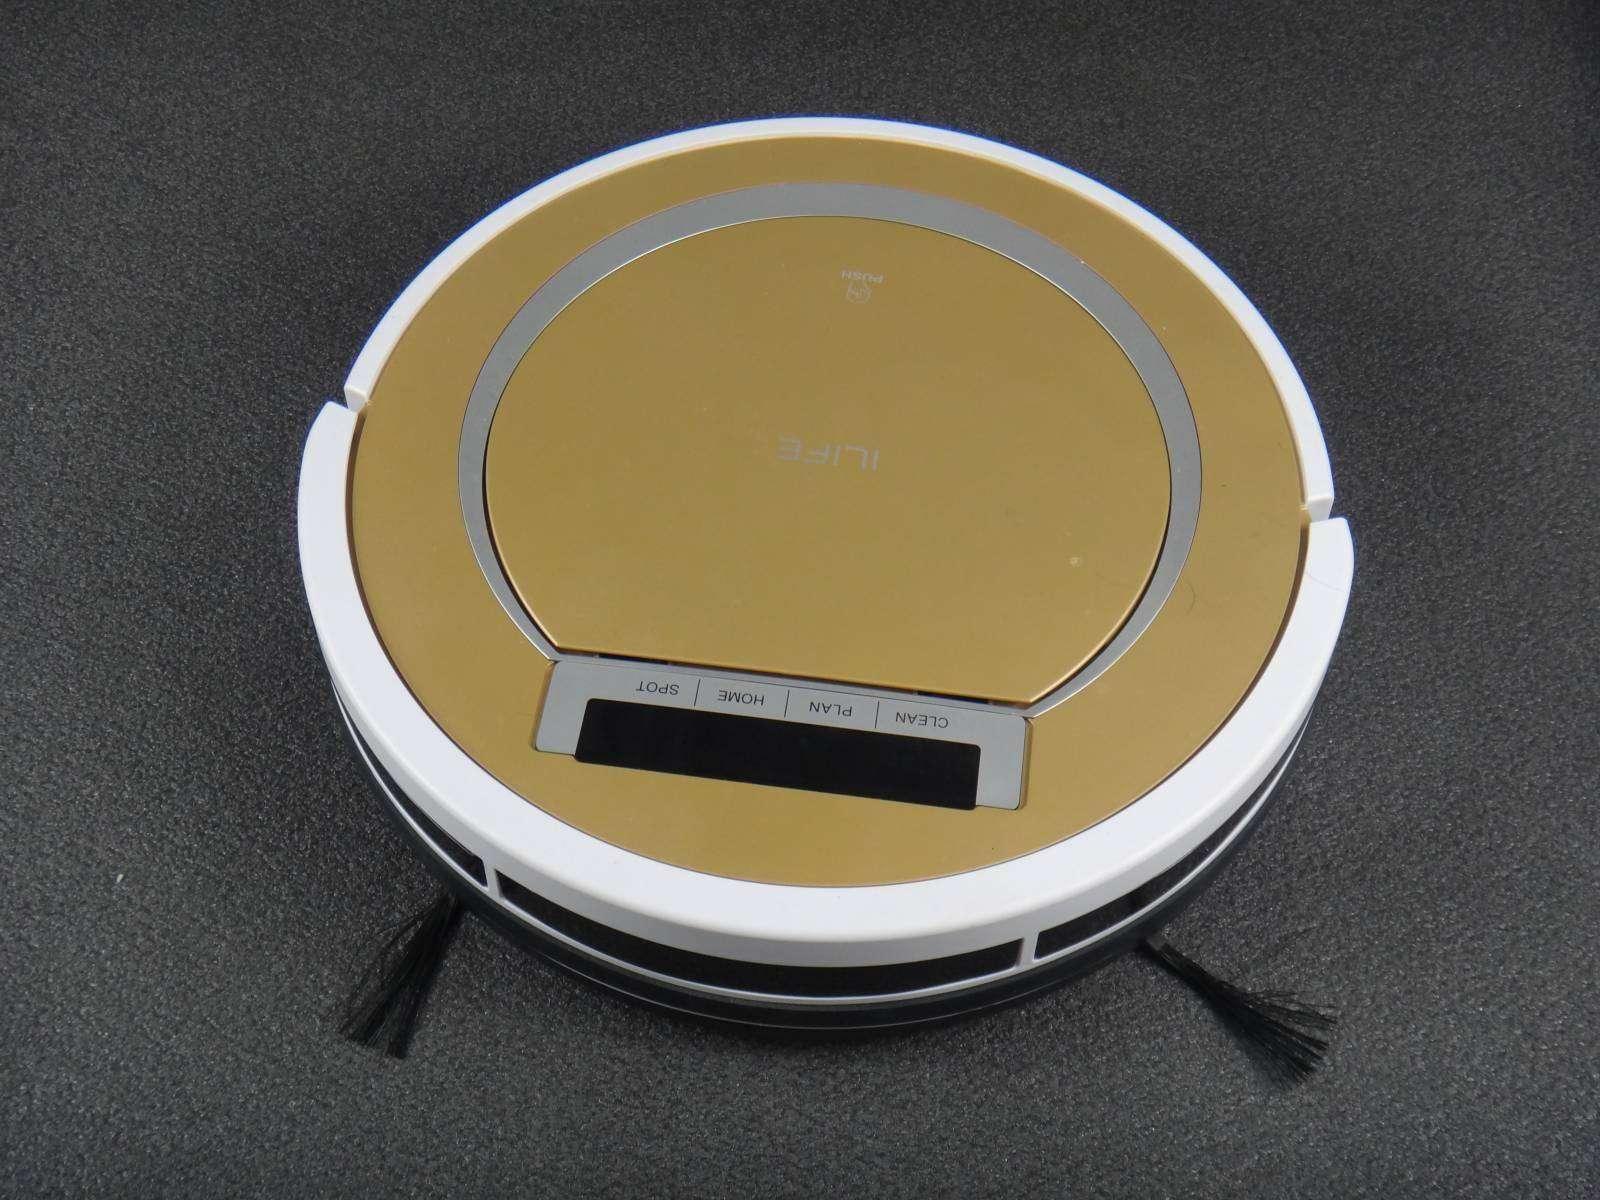 GearBest: Какой робот пылесос выбрать, сравнение роботов ILIFE V1, V5, A4, V7, V7S и Seebest d730